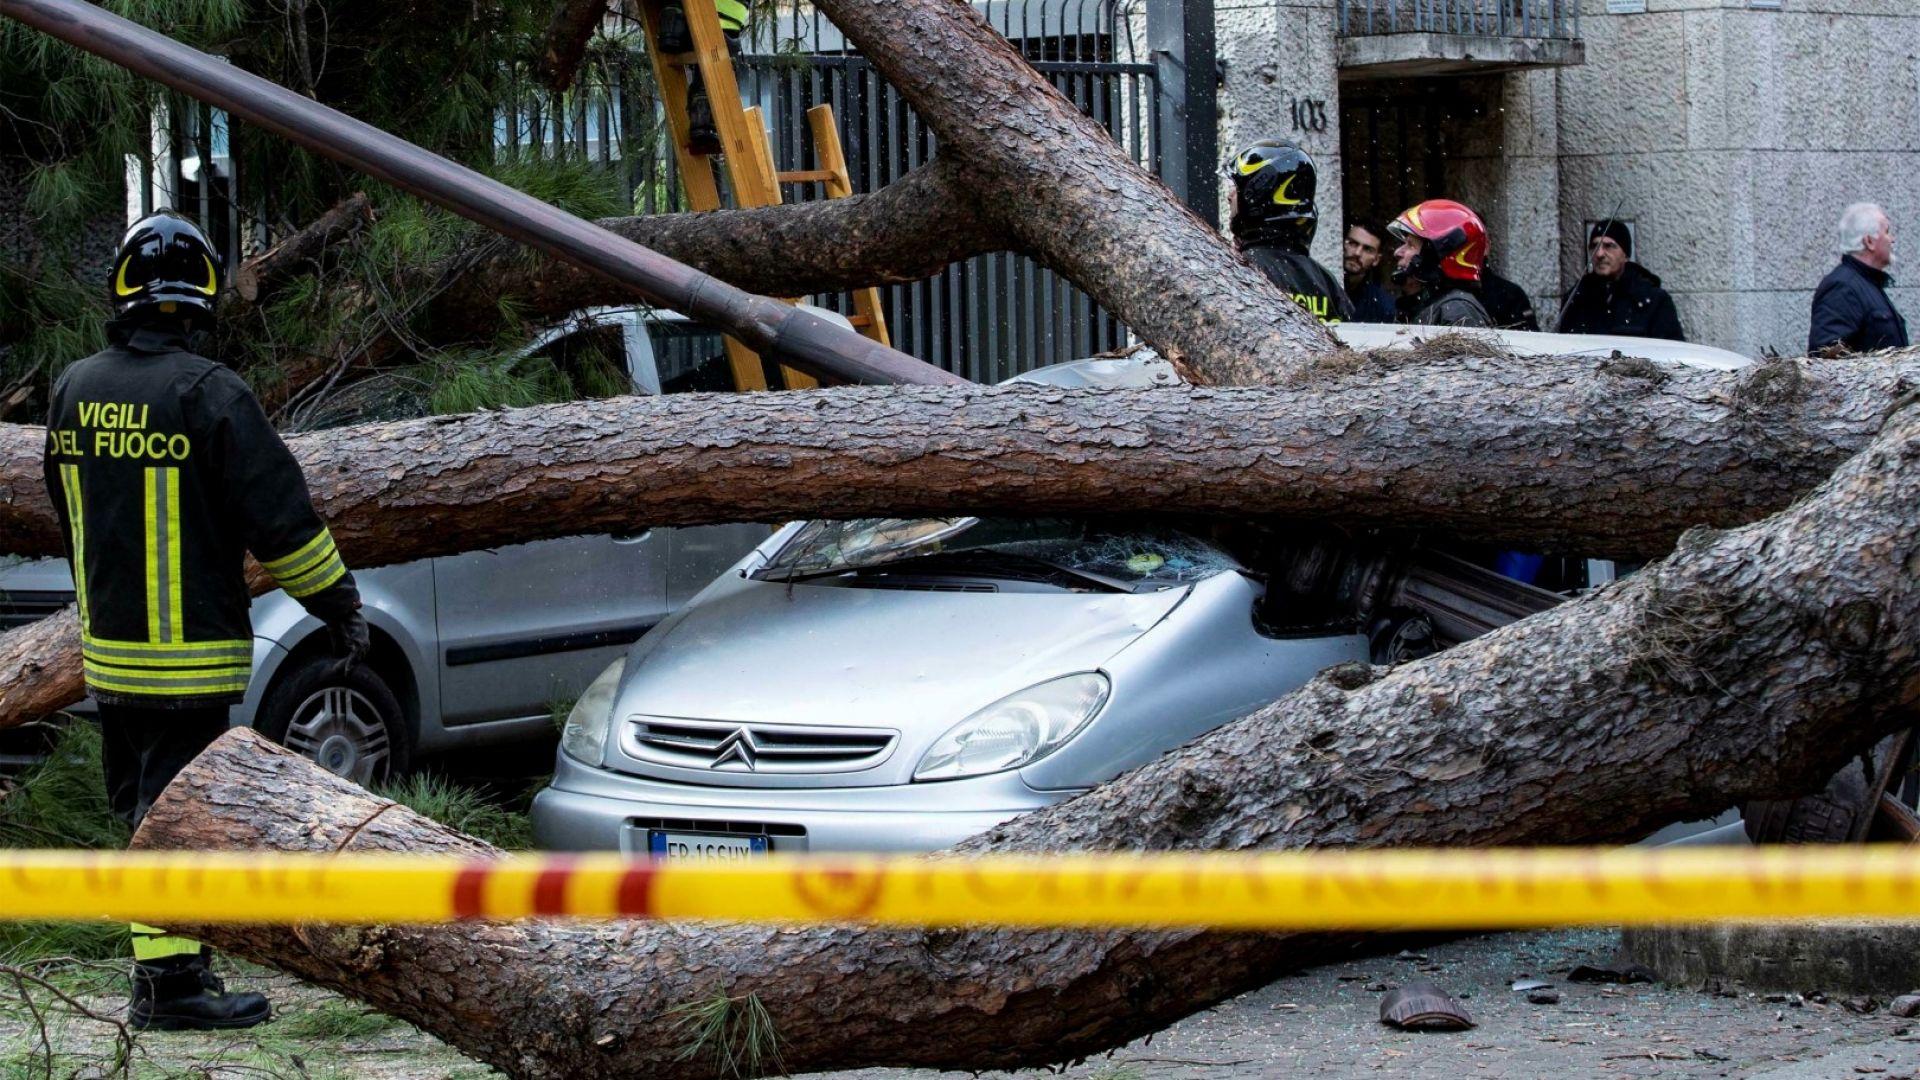 6-ма души загинаха заради лошото време в Италия (снимки)